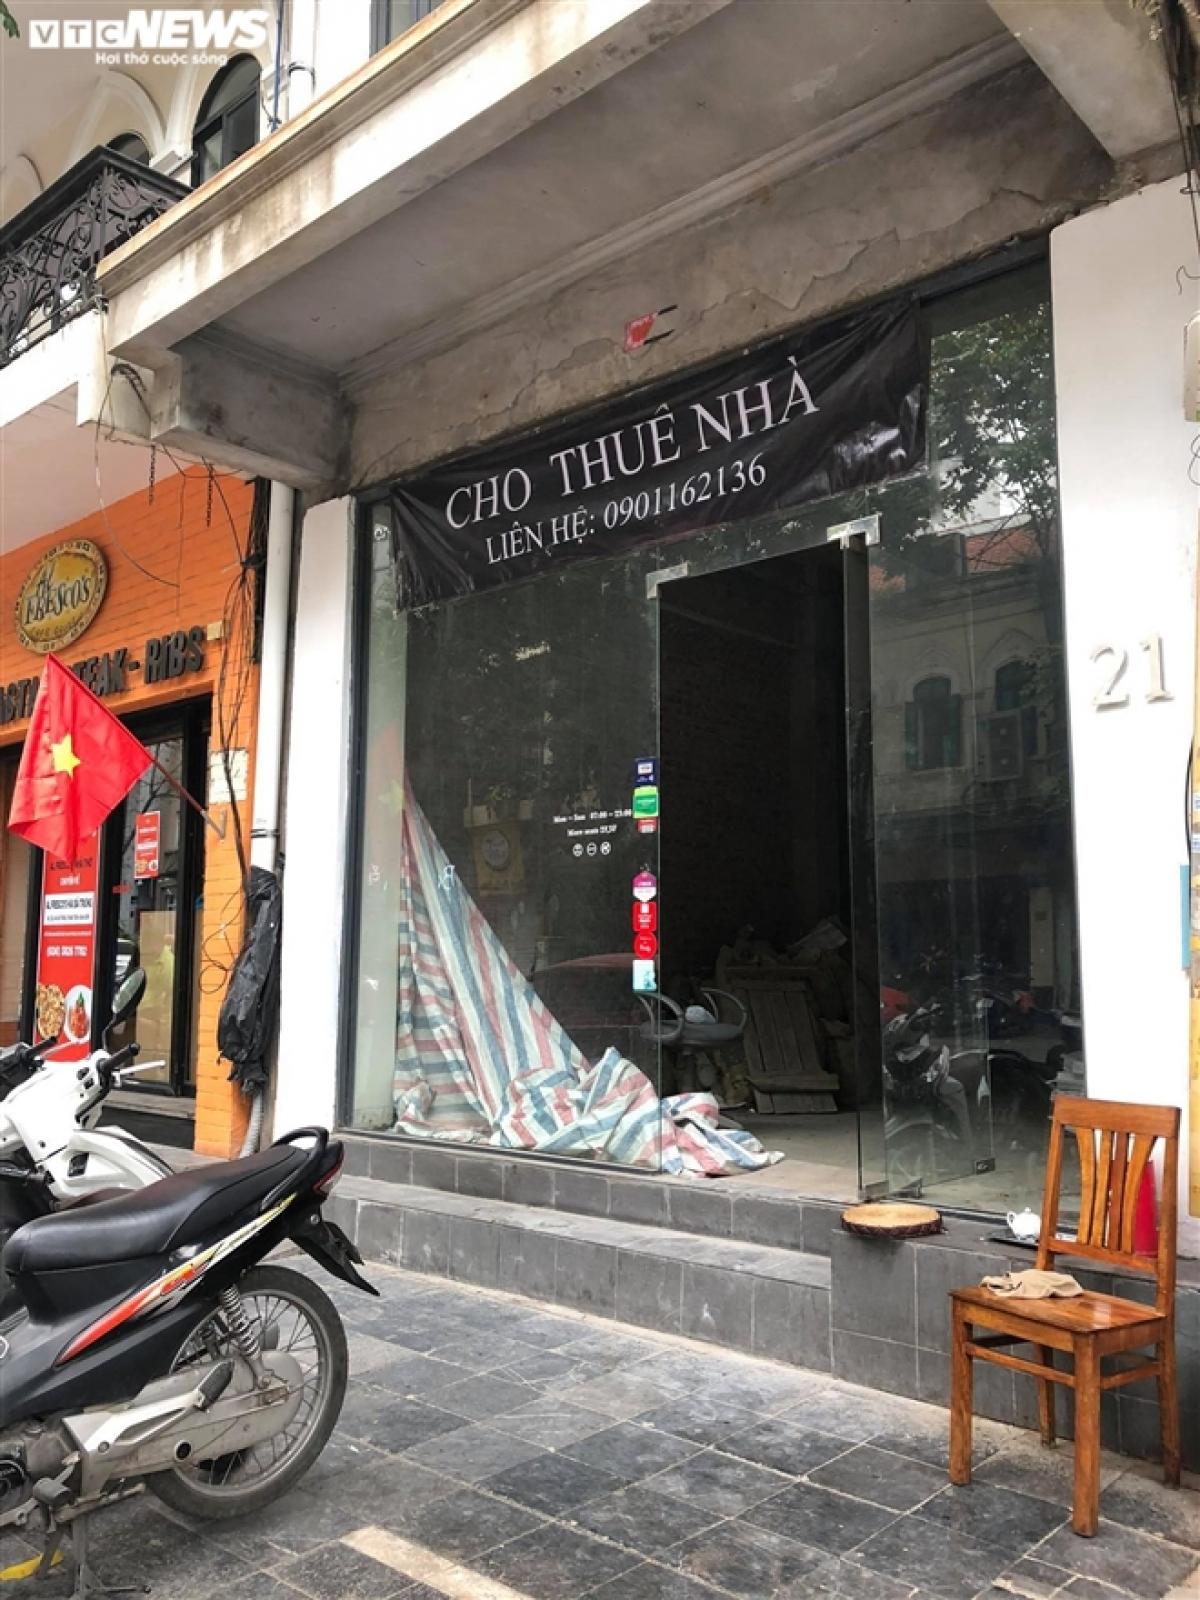 Đây là một nhà hàng nổi tiếng trước đây trên phố Nhà Thờ. Do không cầm cự được trước khó khăn COVID-19, chủ nhà hàng này đã phải chấp nhận đóng cửa, trả lại mặt bằng.